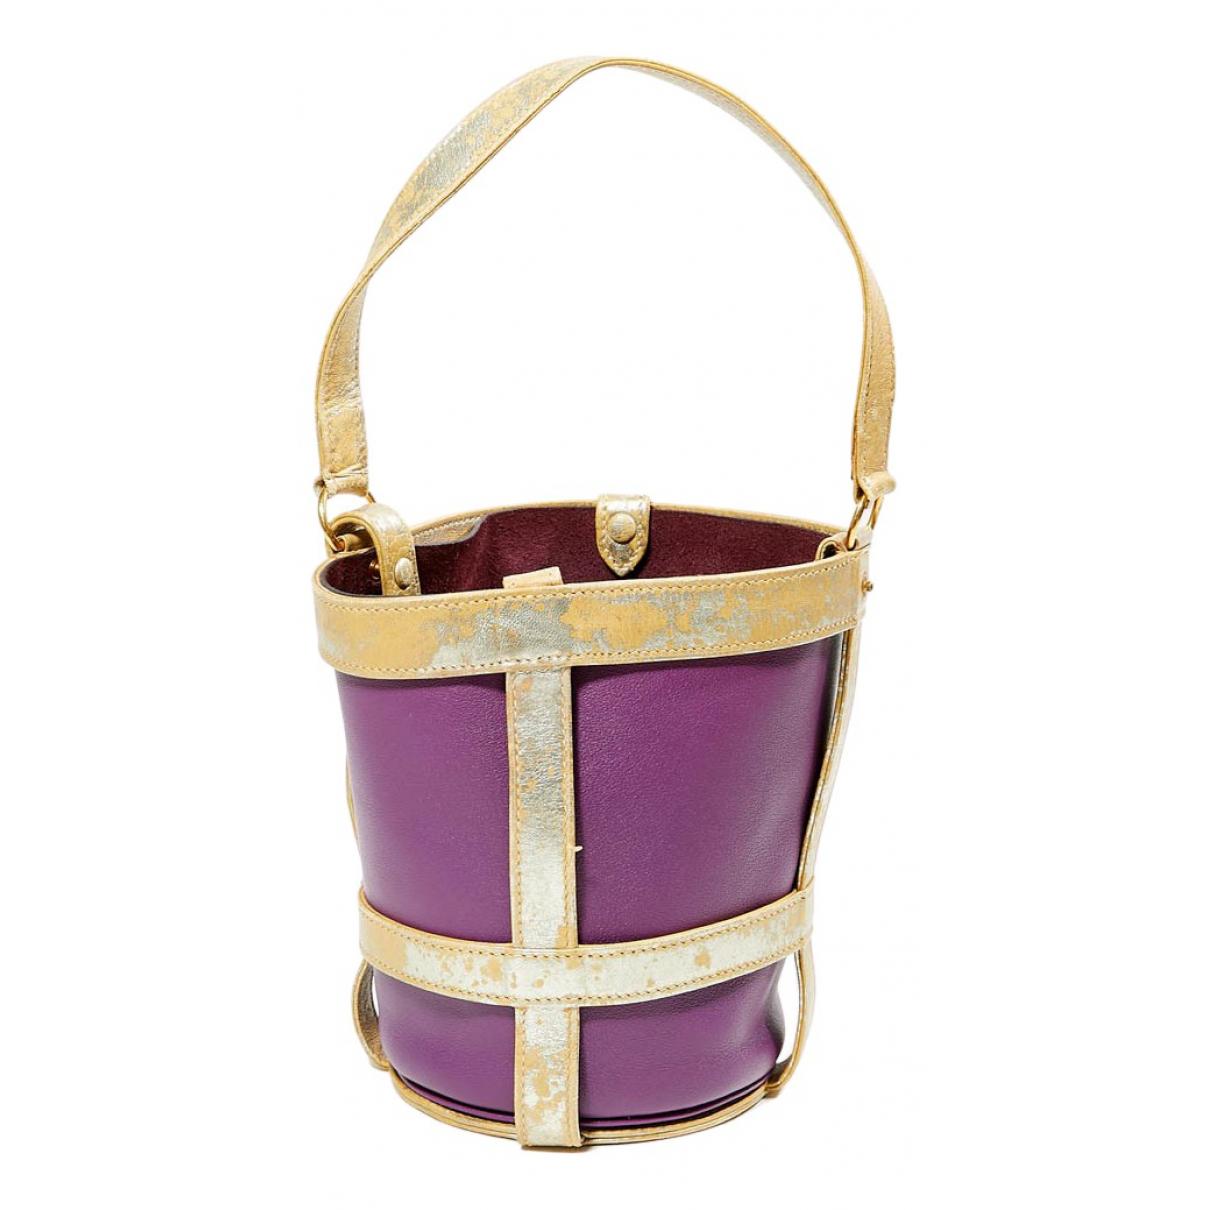 Hermes Mangeoire Handtasche in  Lila Leder